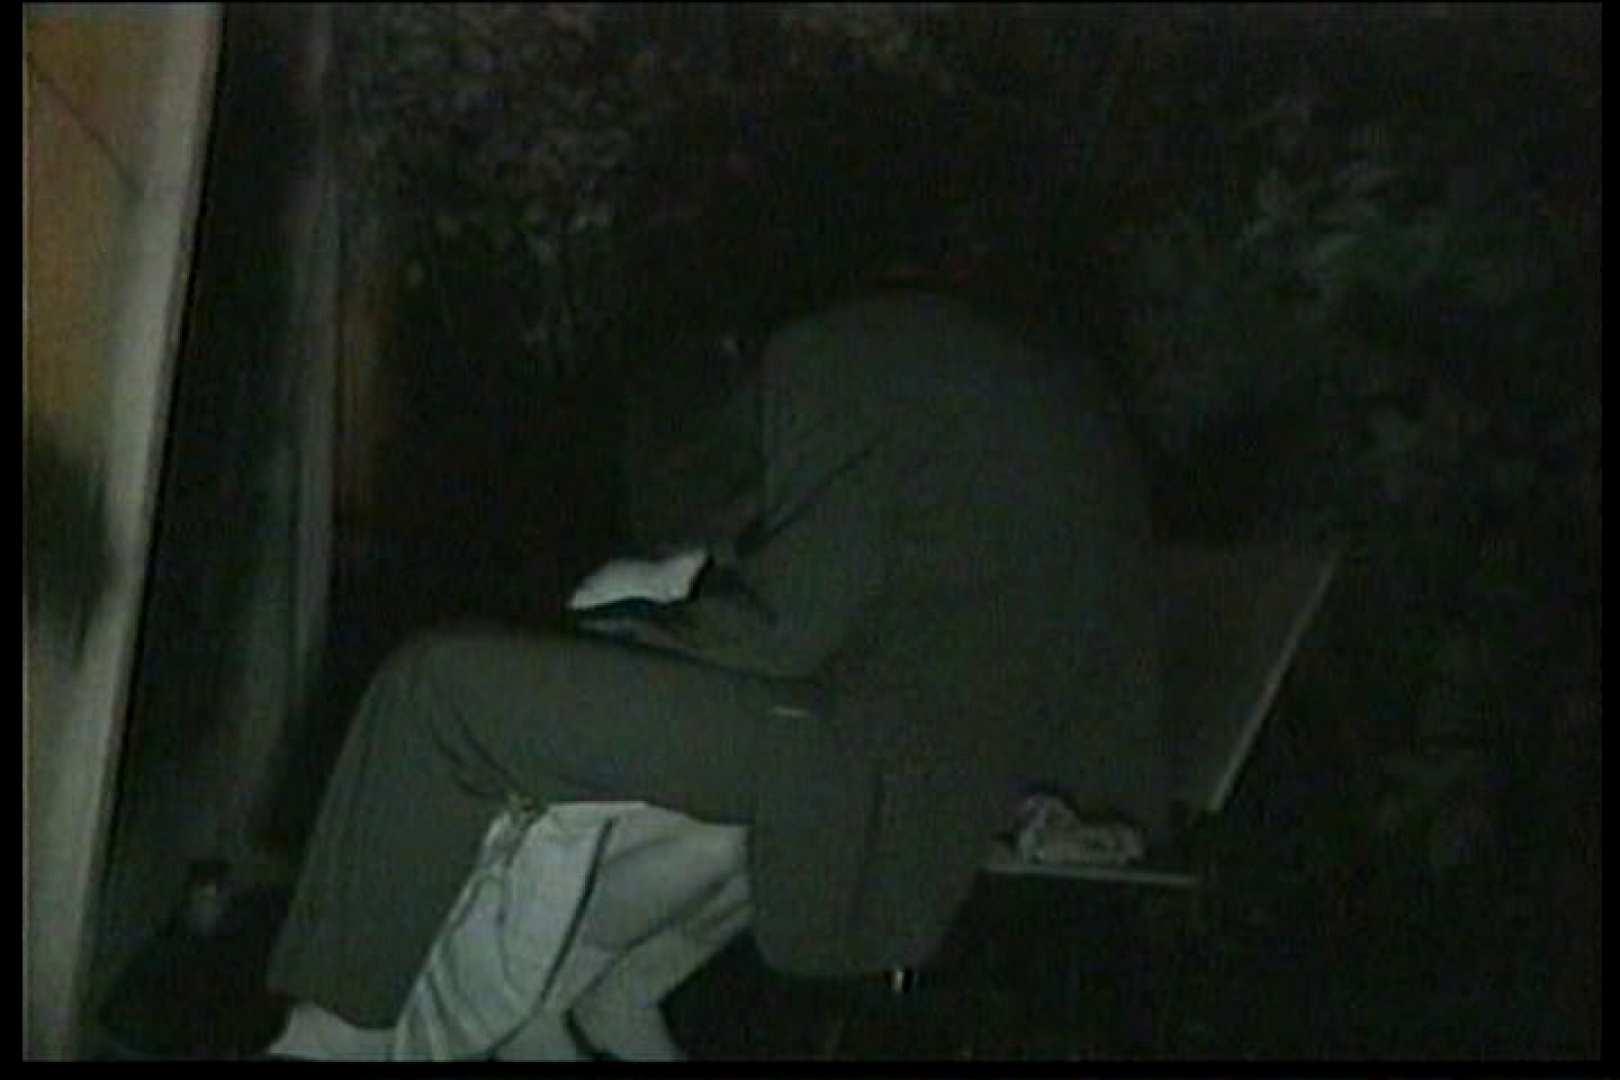 闇の仕掛け人 無修正版 Vol.16 手マン  110枚 98